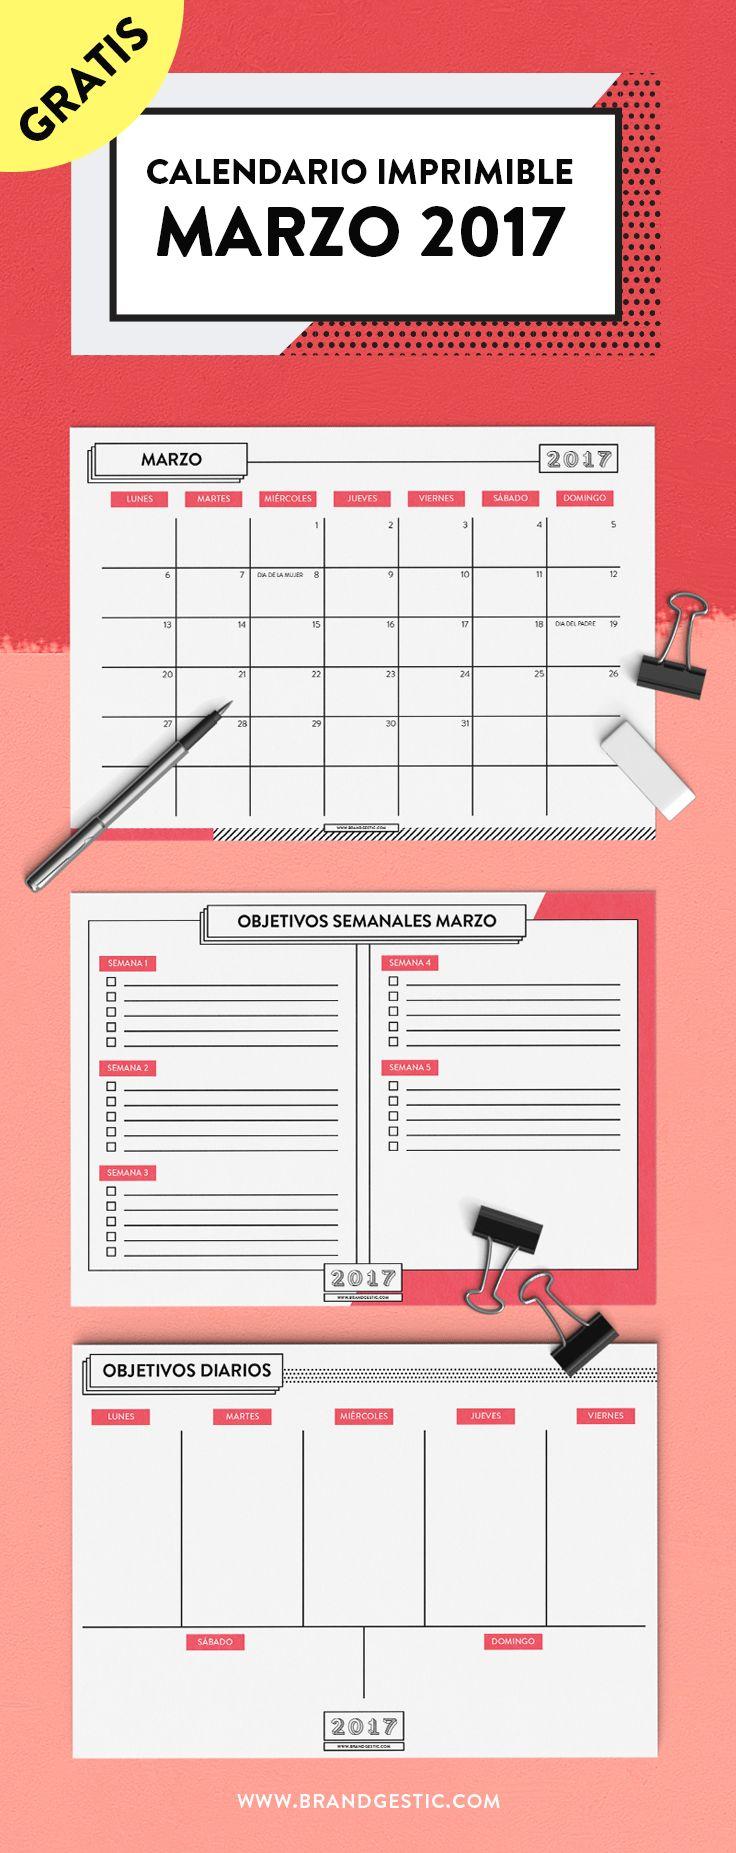 Calendario Marzo 2017 Gratis, con planificador mensual, semanal y diario.